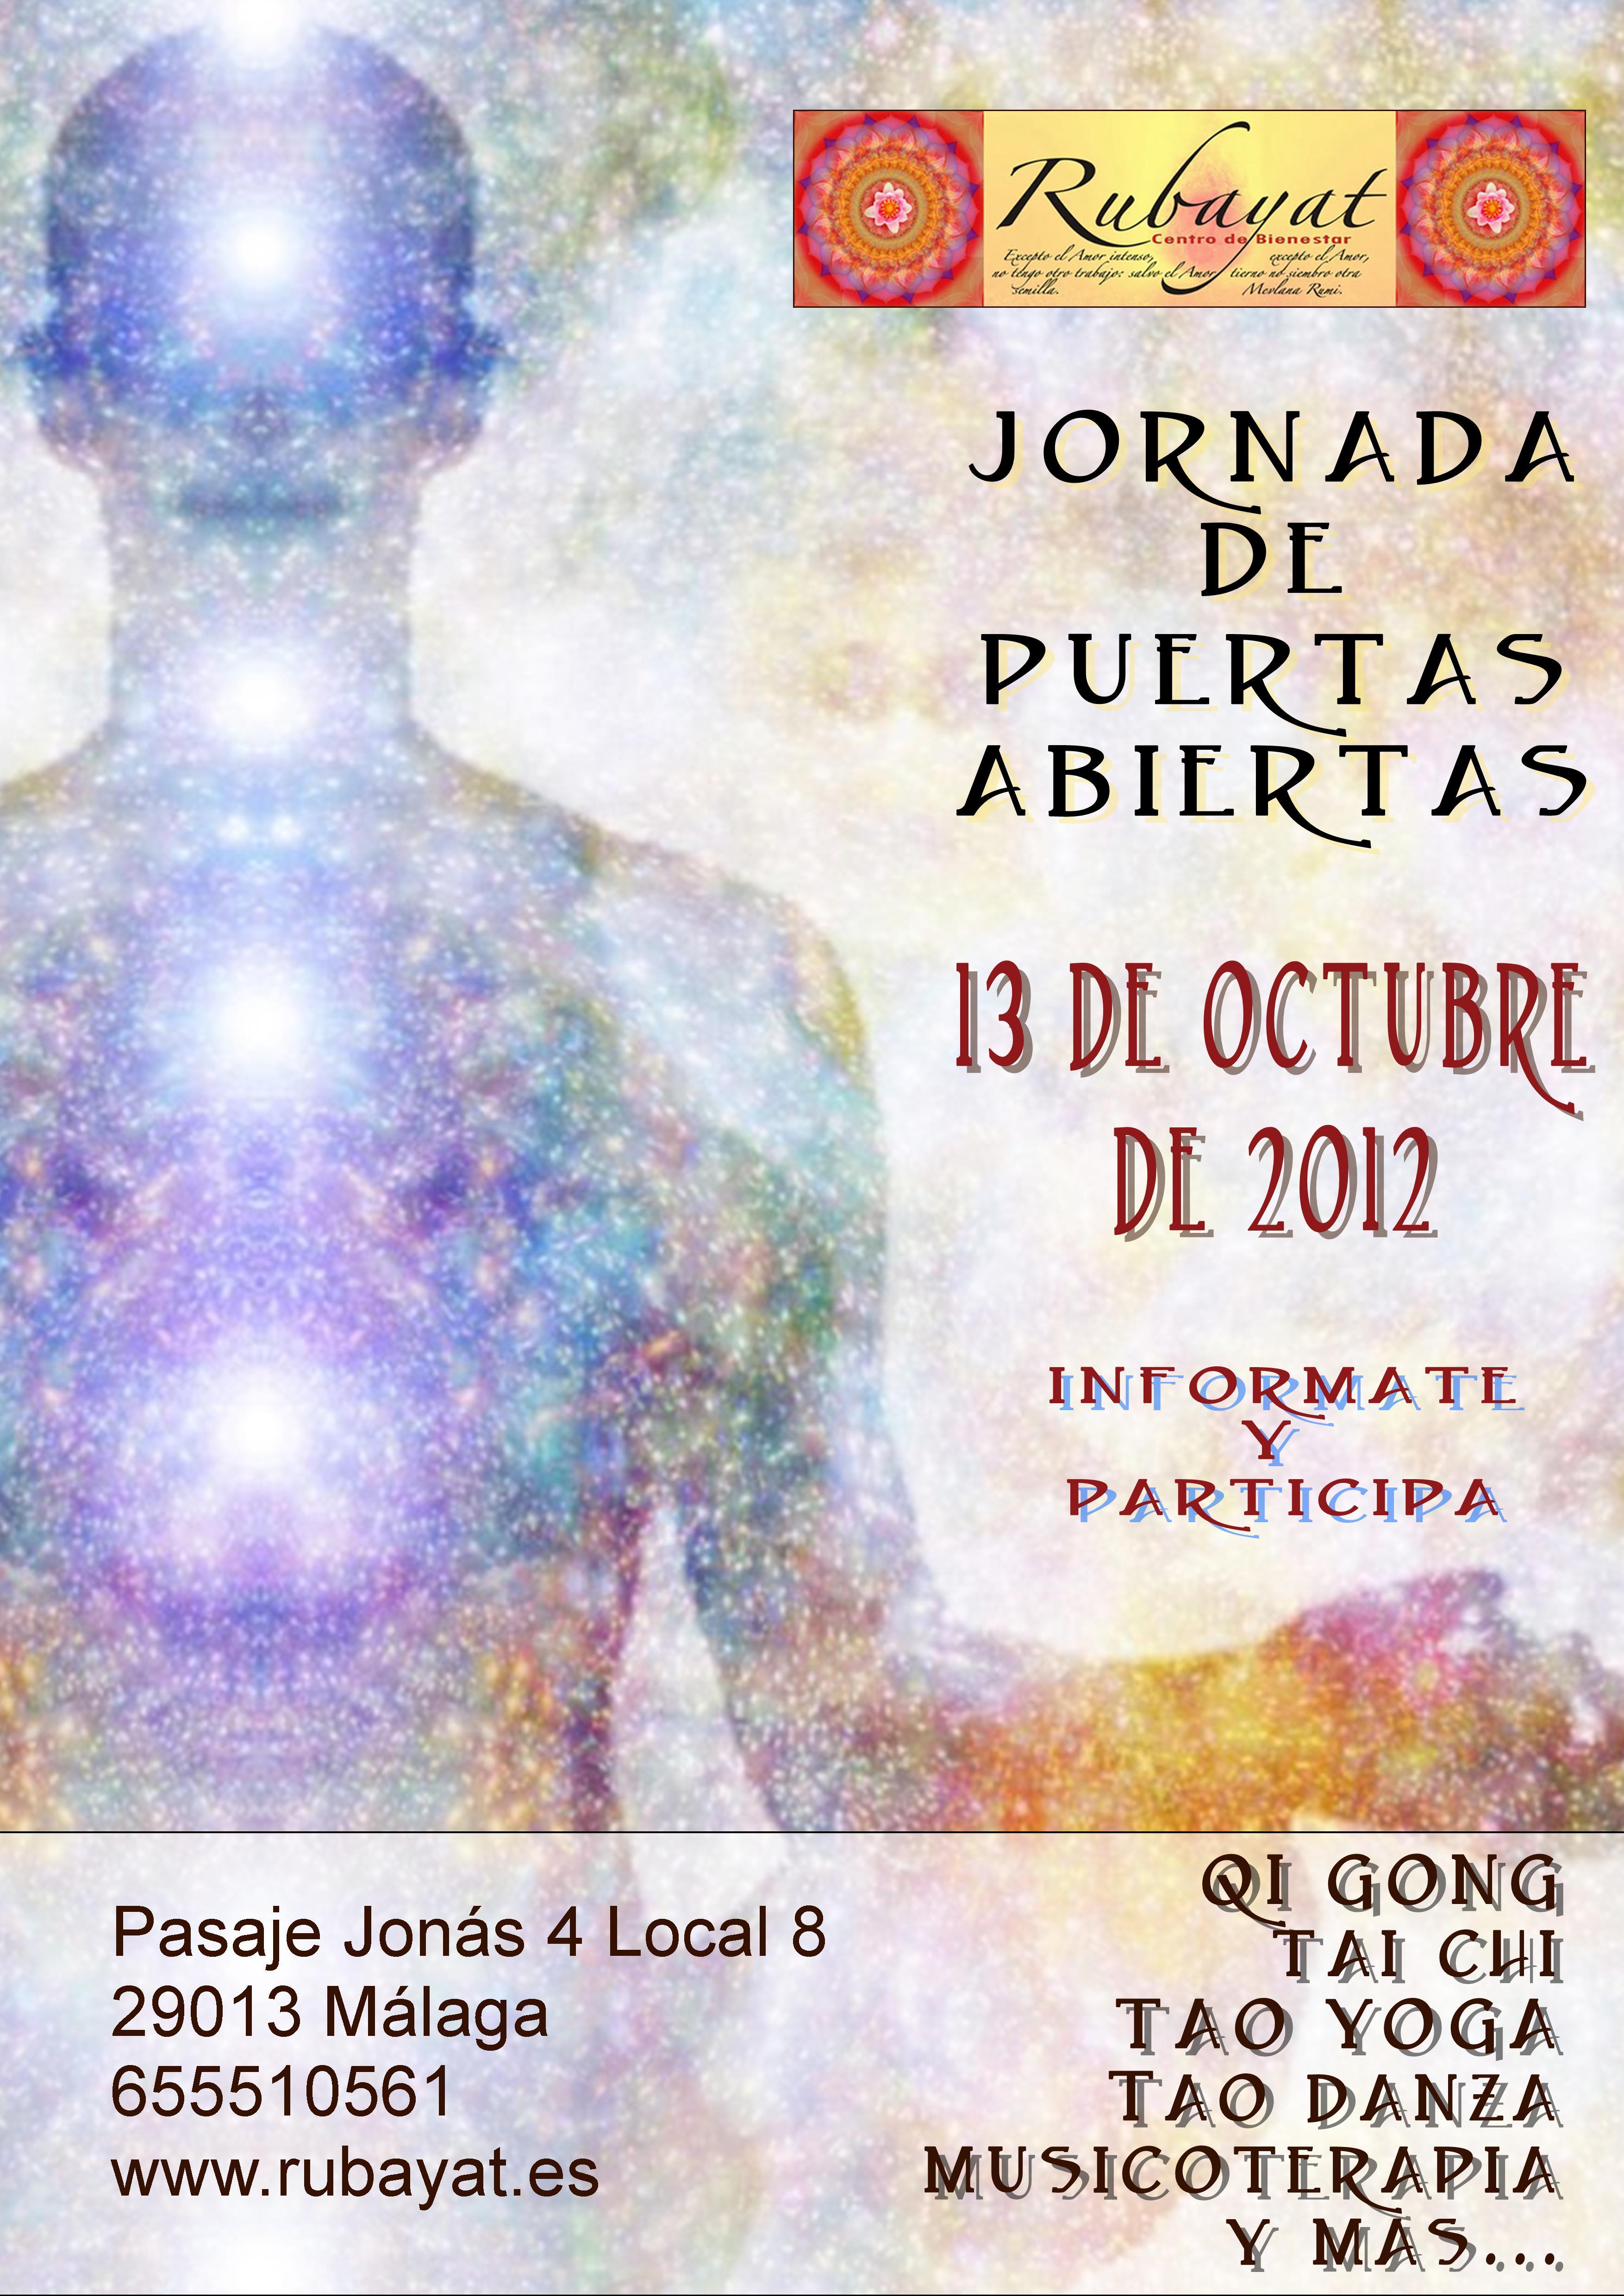 carteljornadapuertasabiertas2012